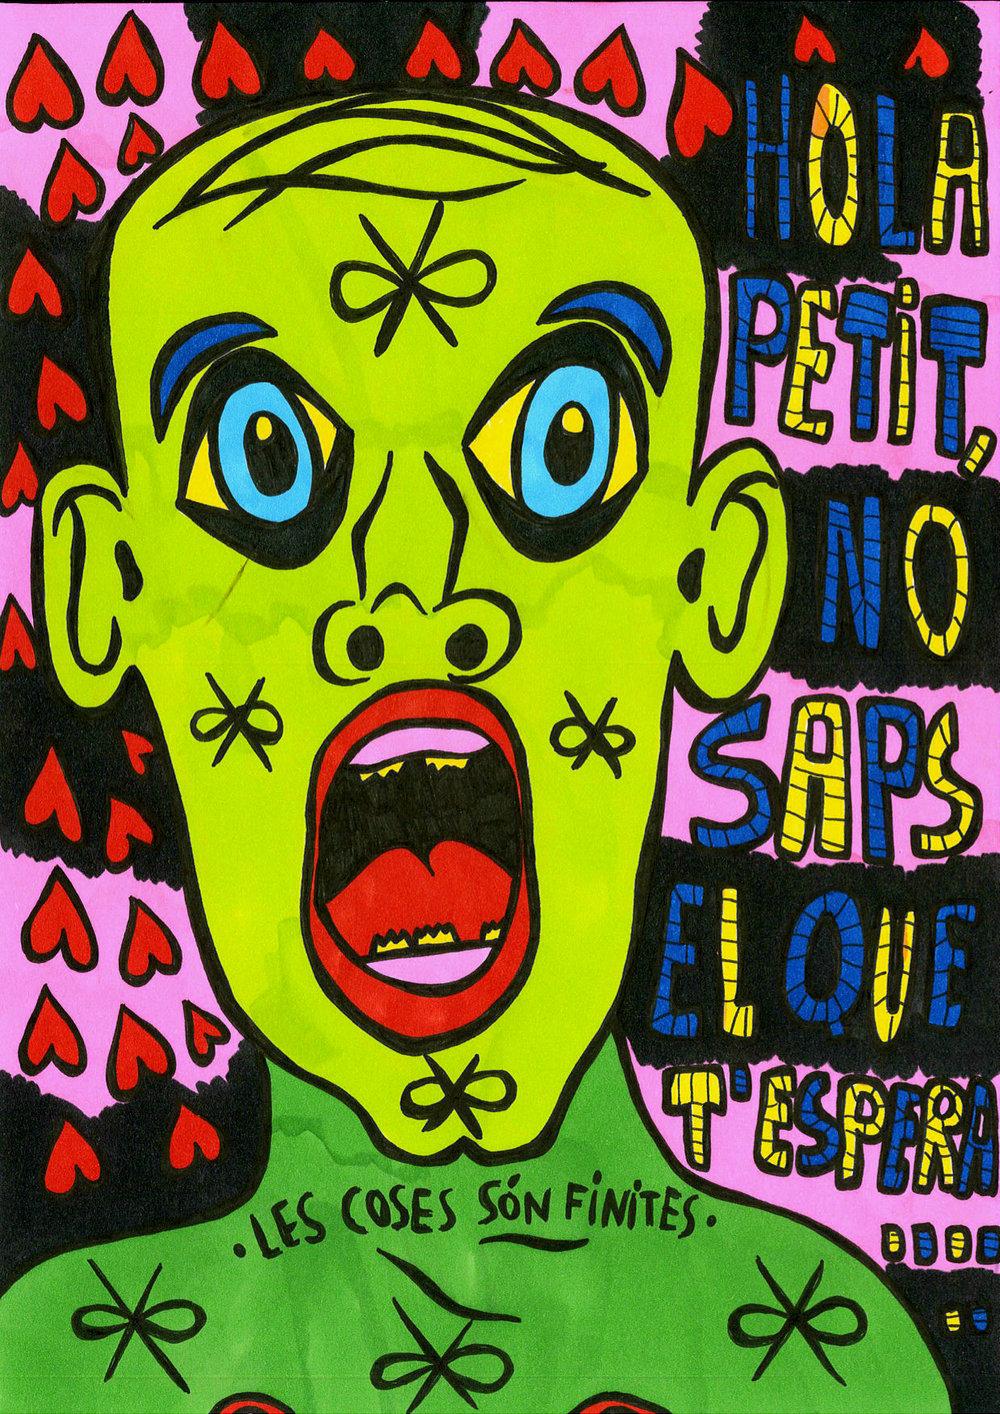 """""""Hola petit, no saps el que t'espera.../Les coses són finites"""" , 2013   Marker on paper, 21 x 29.7 cm"""